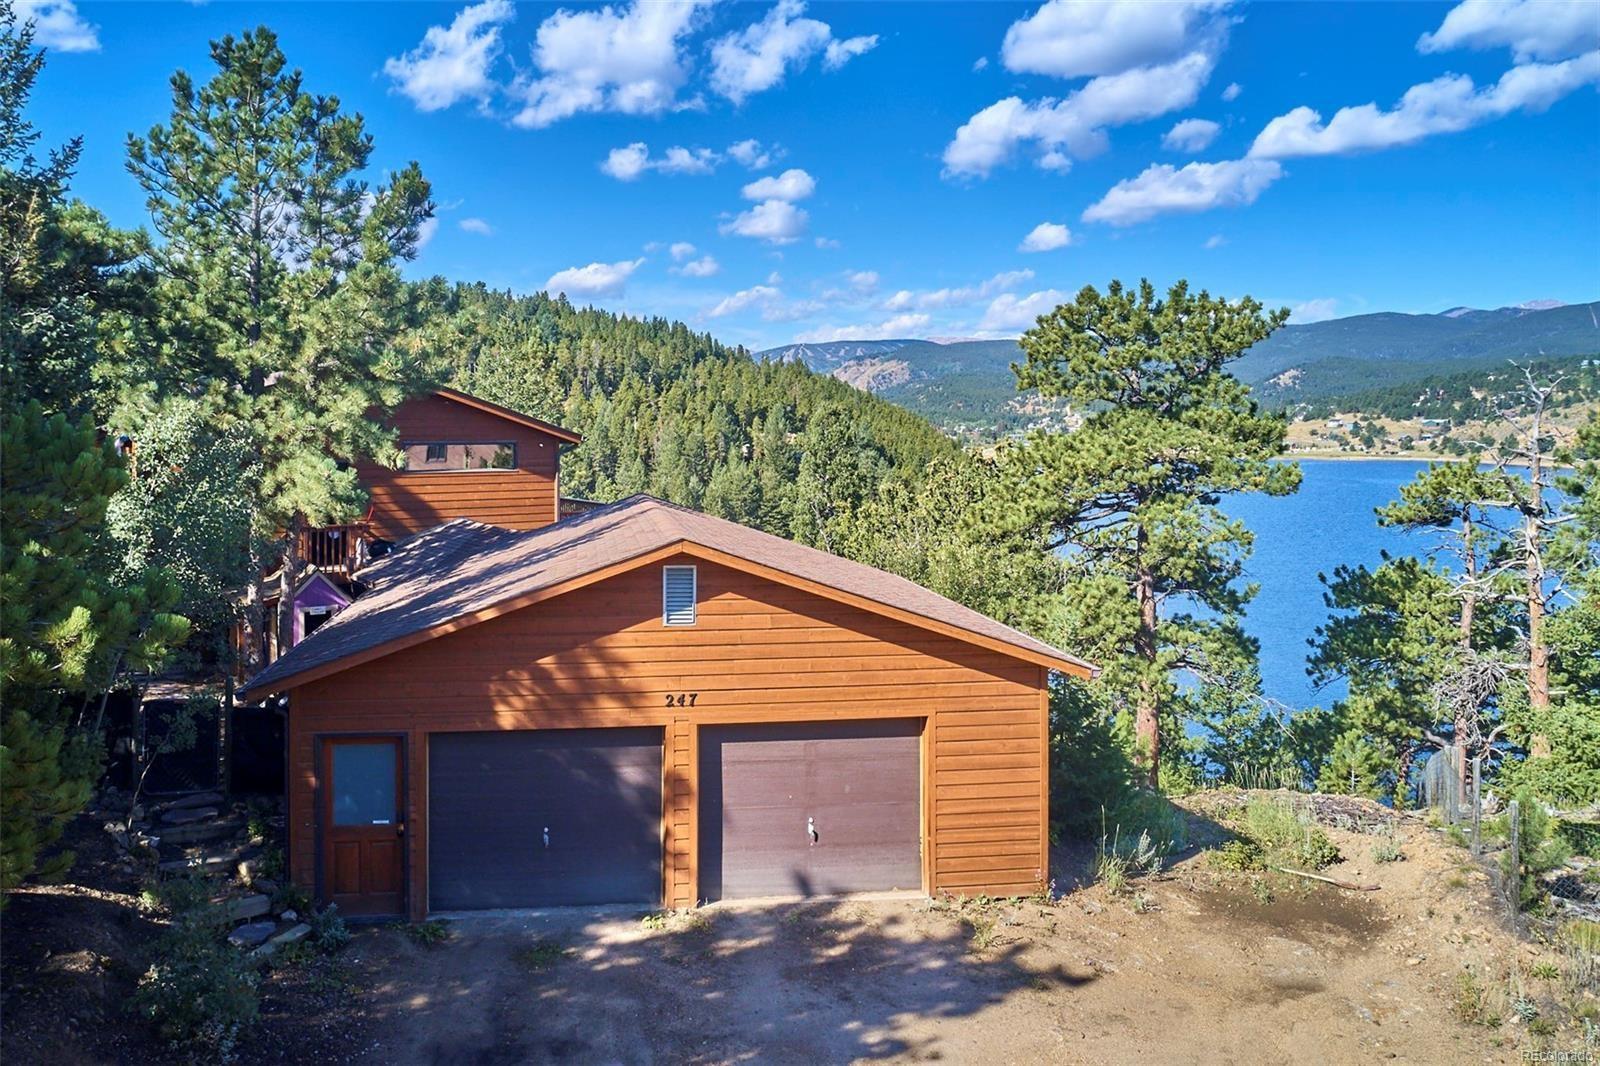 MLS# 9264373 - 5 - 247 Alpine Drive, Nederland, CO 80466